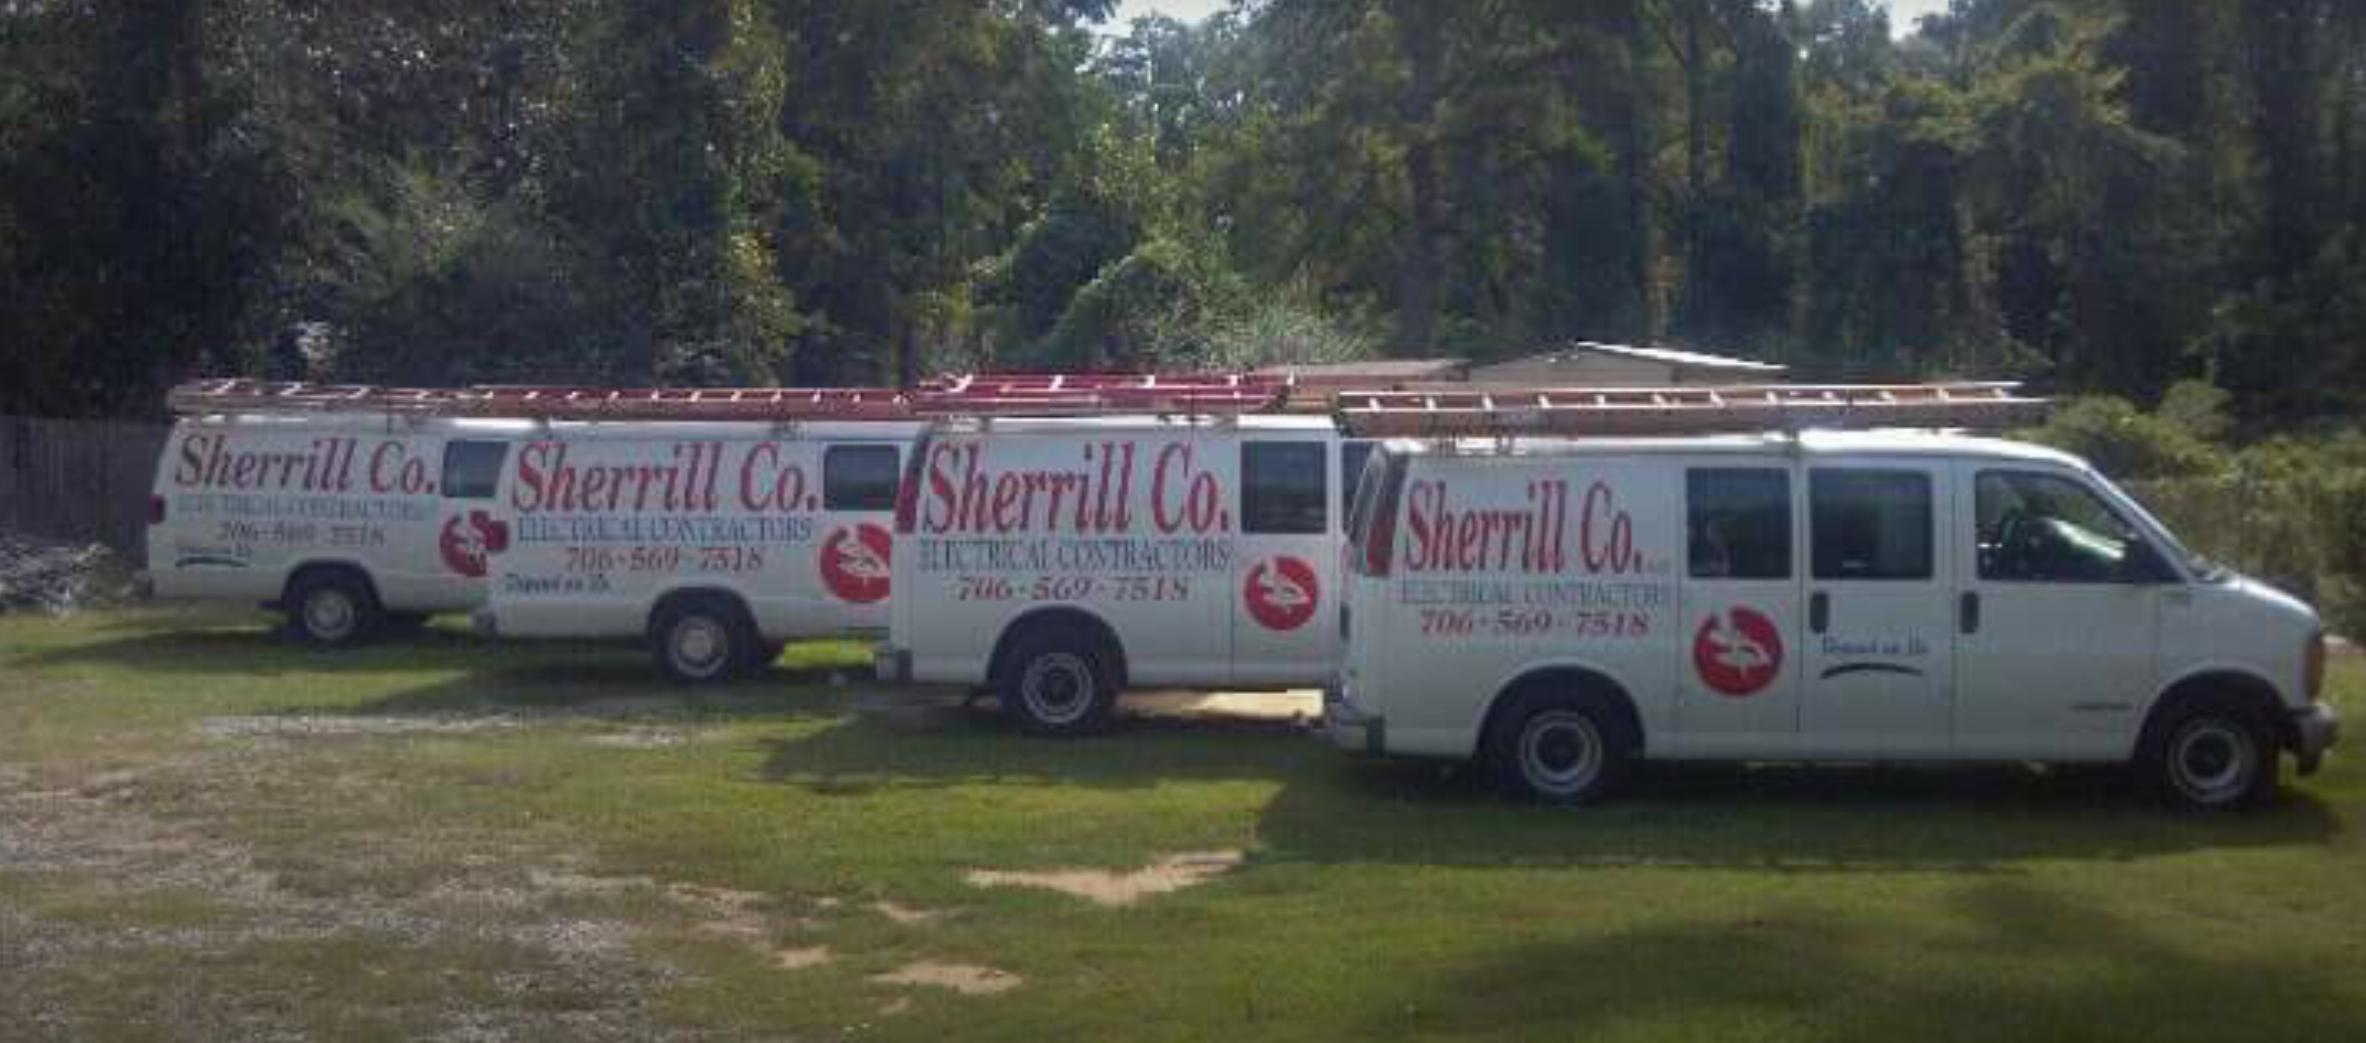 The sherrill co vans.